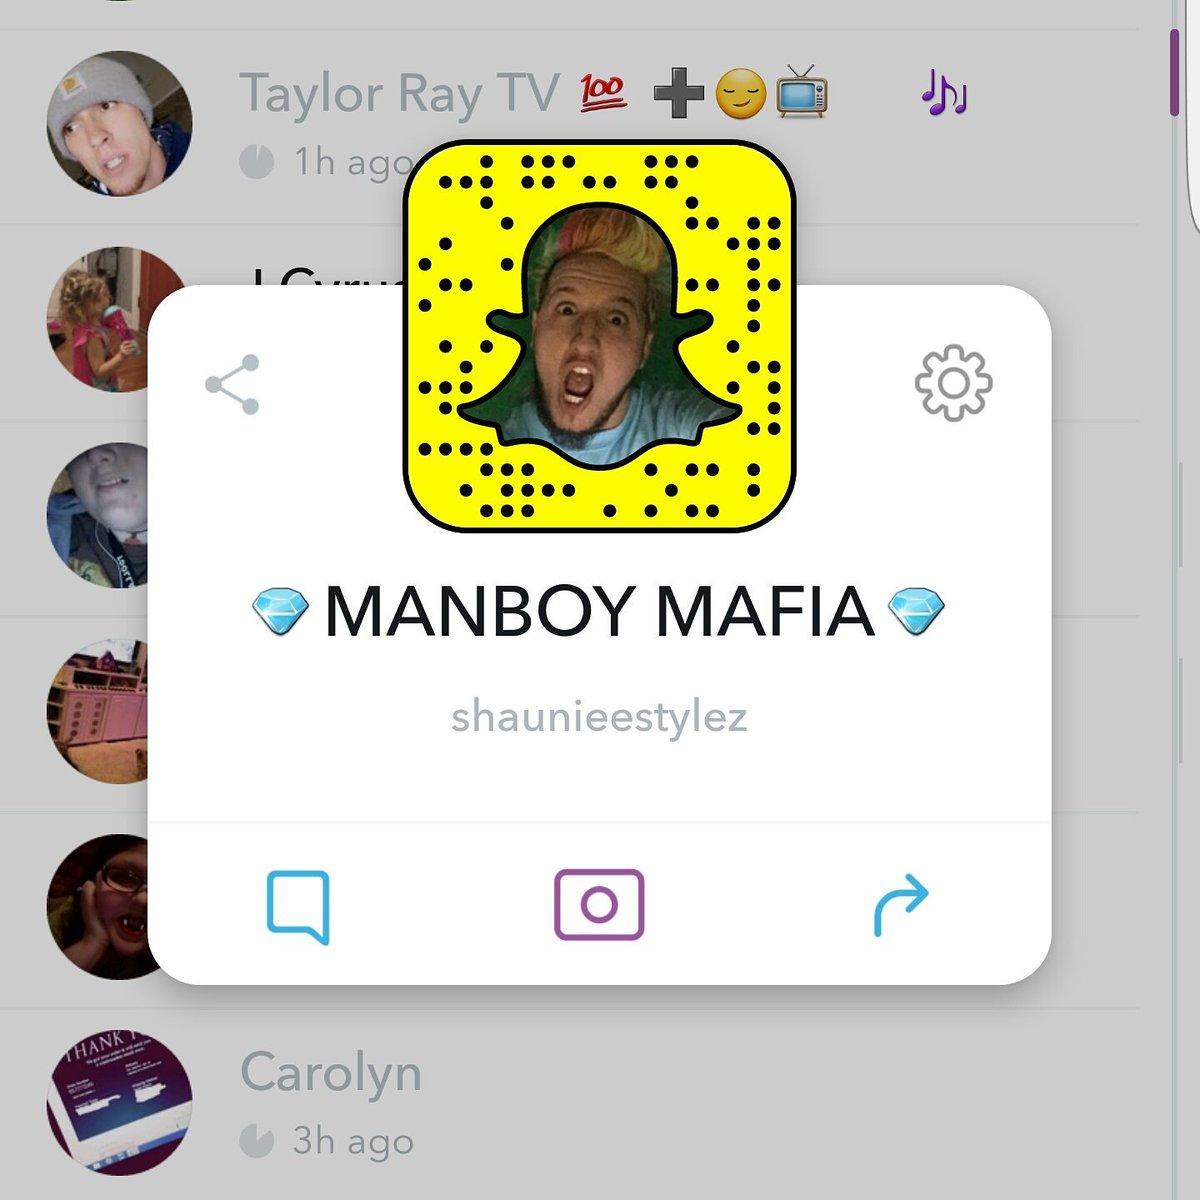 Manboymafia snapchat